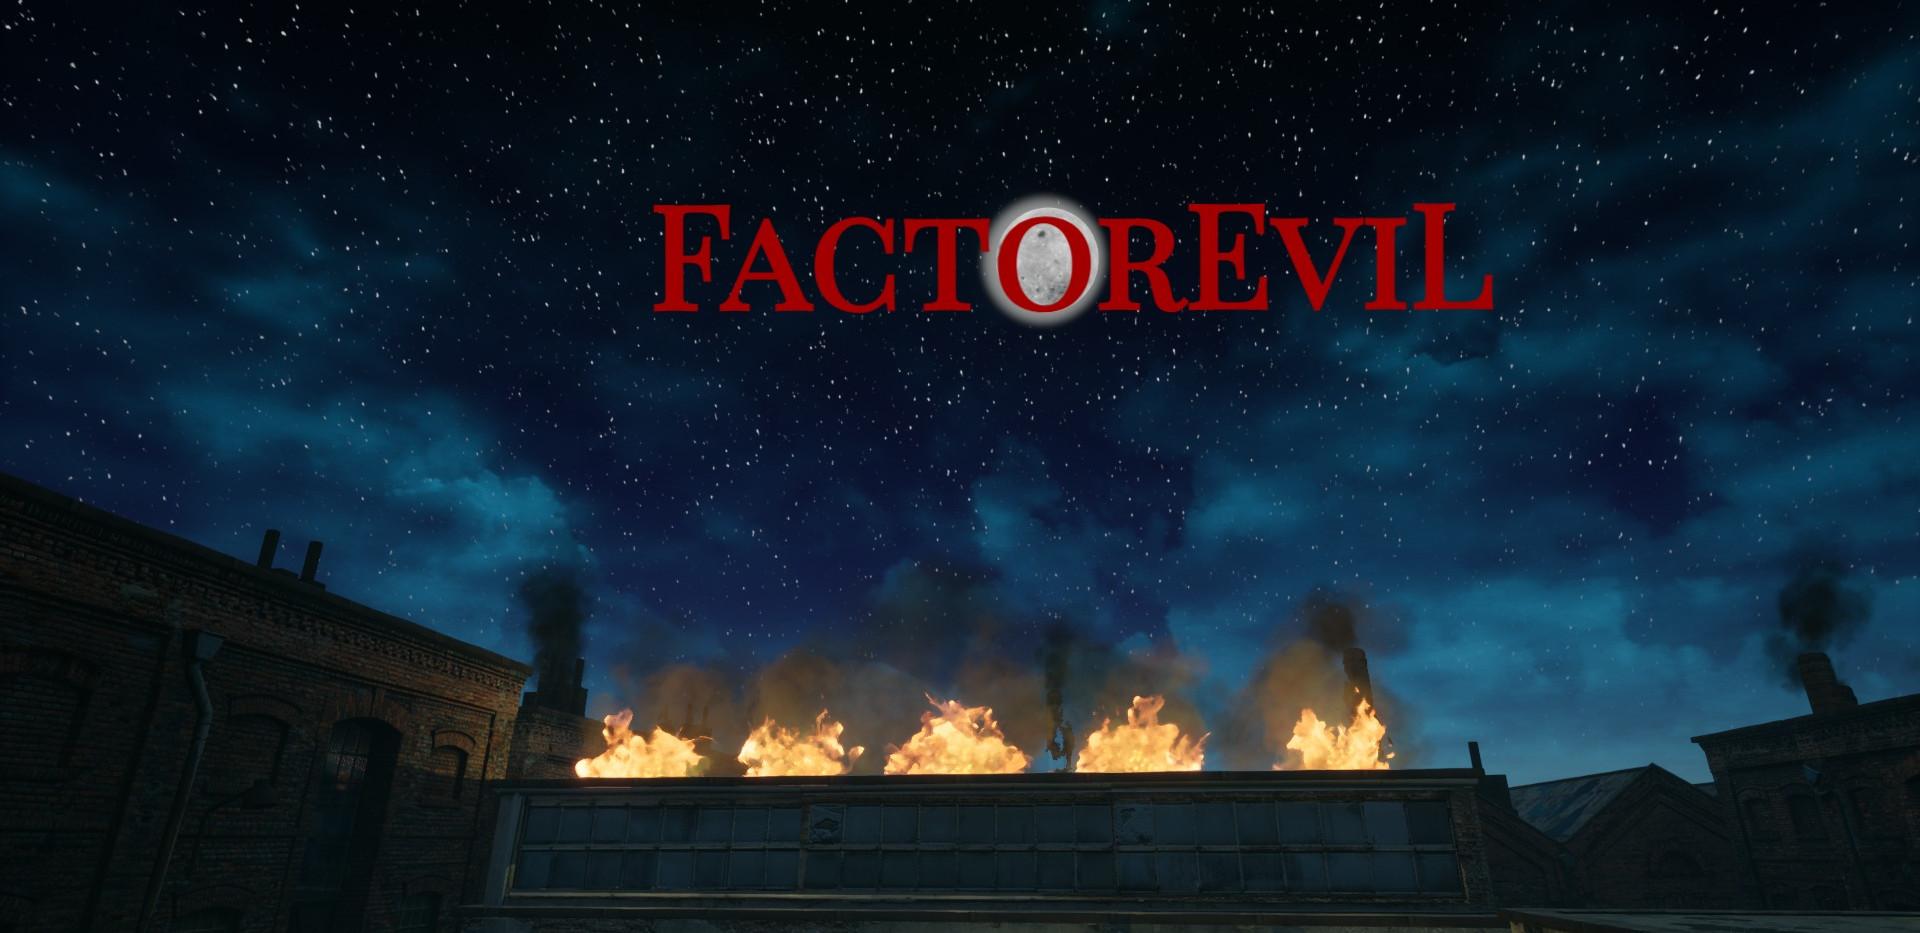 FactorEvil